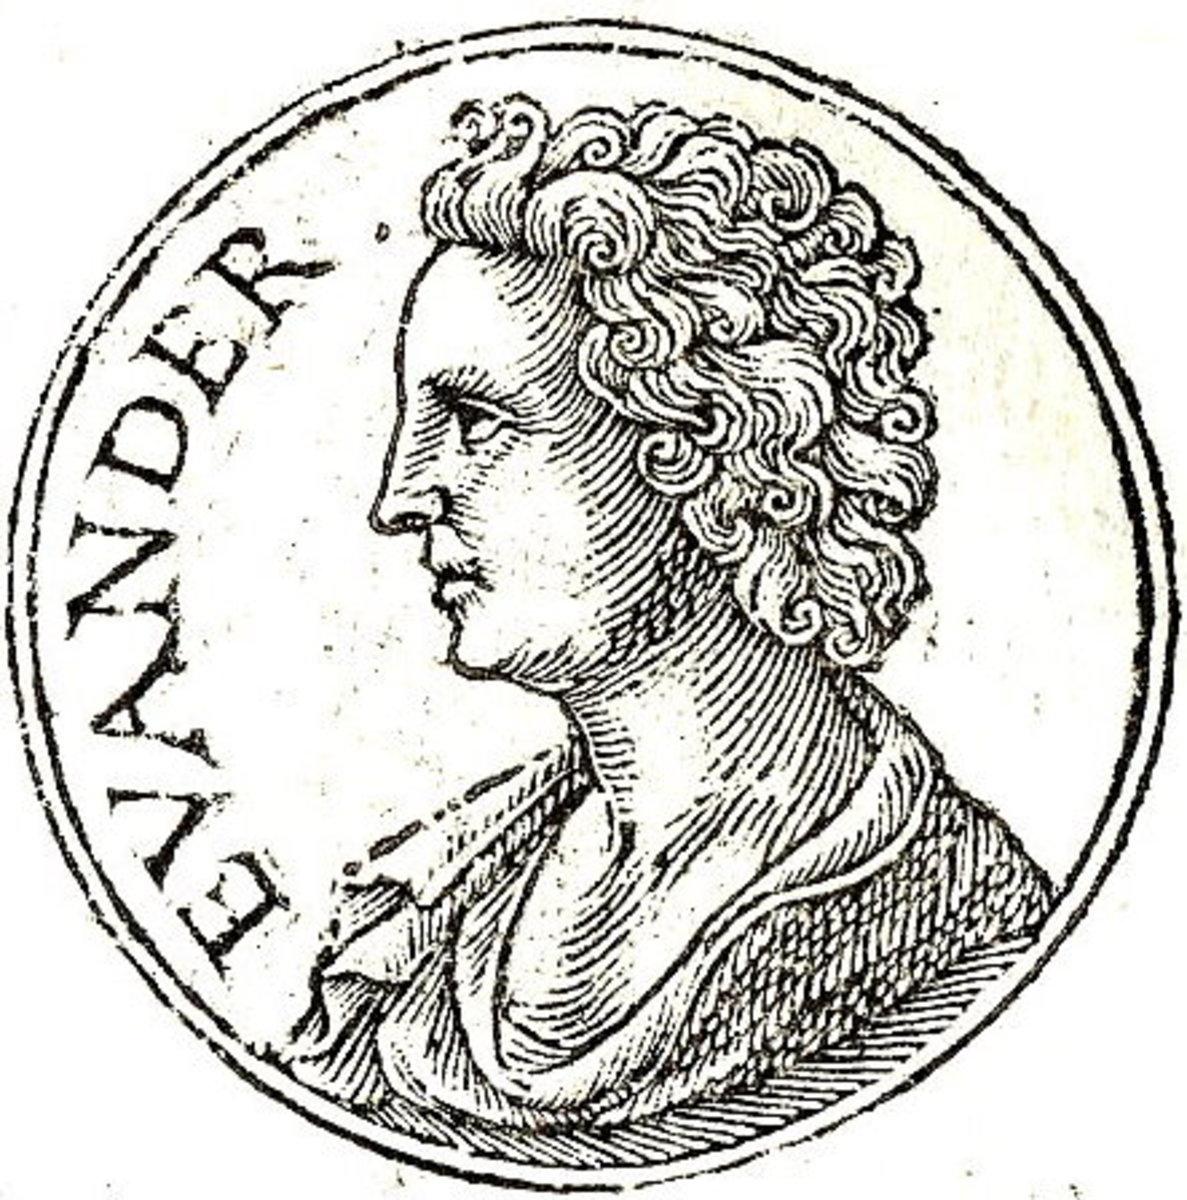 Evander Son of Hermes